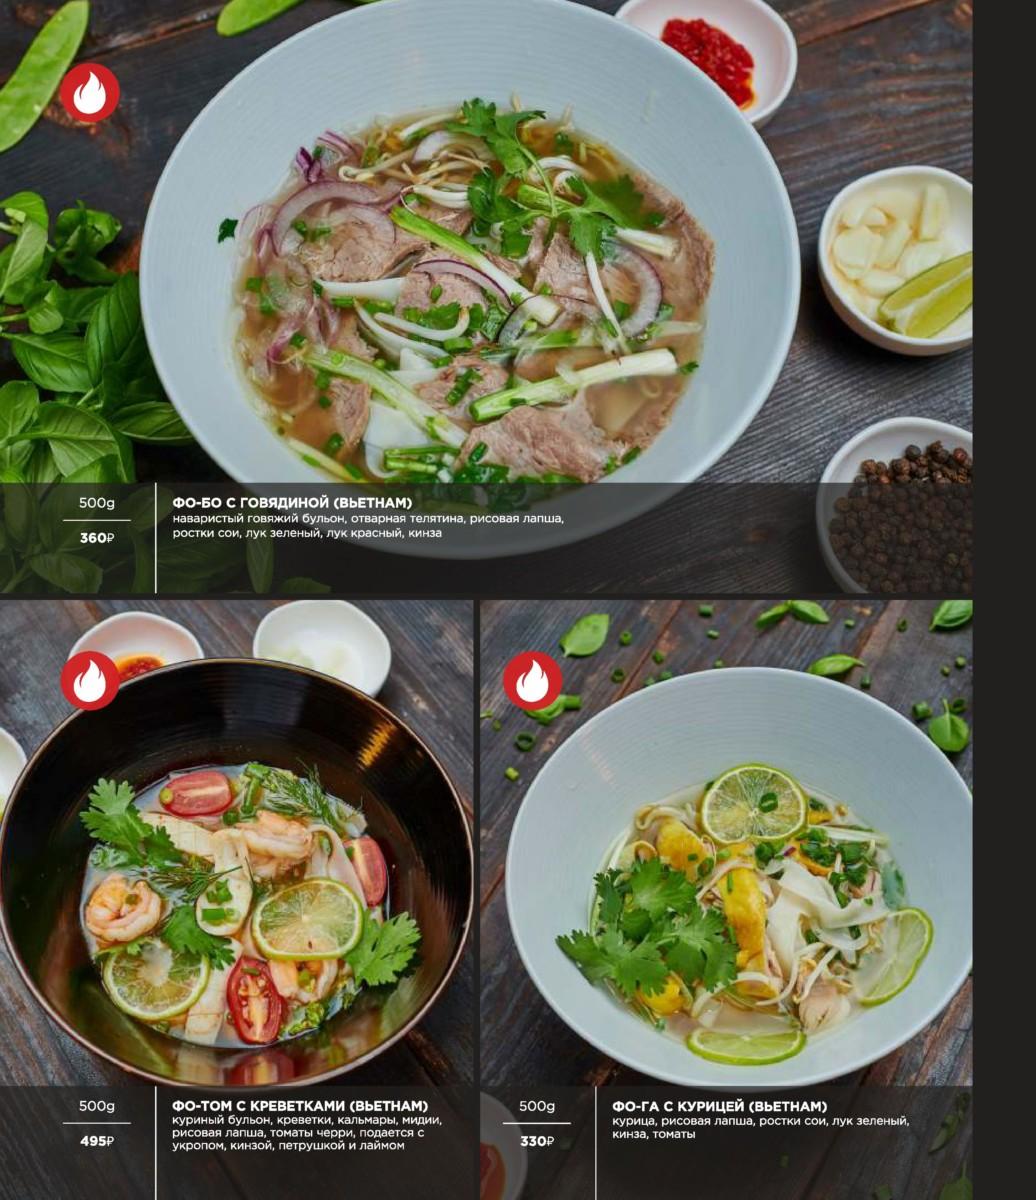 Блюда из морепродуктов в ресторане